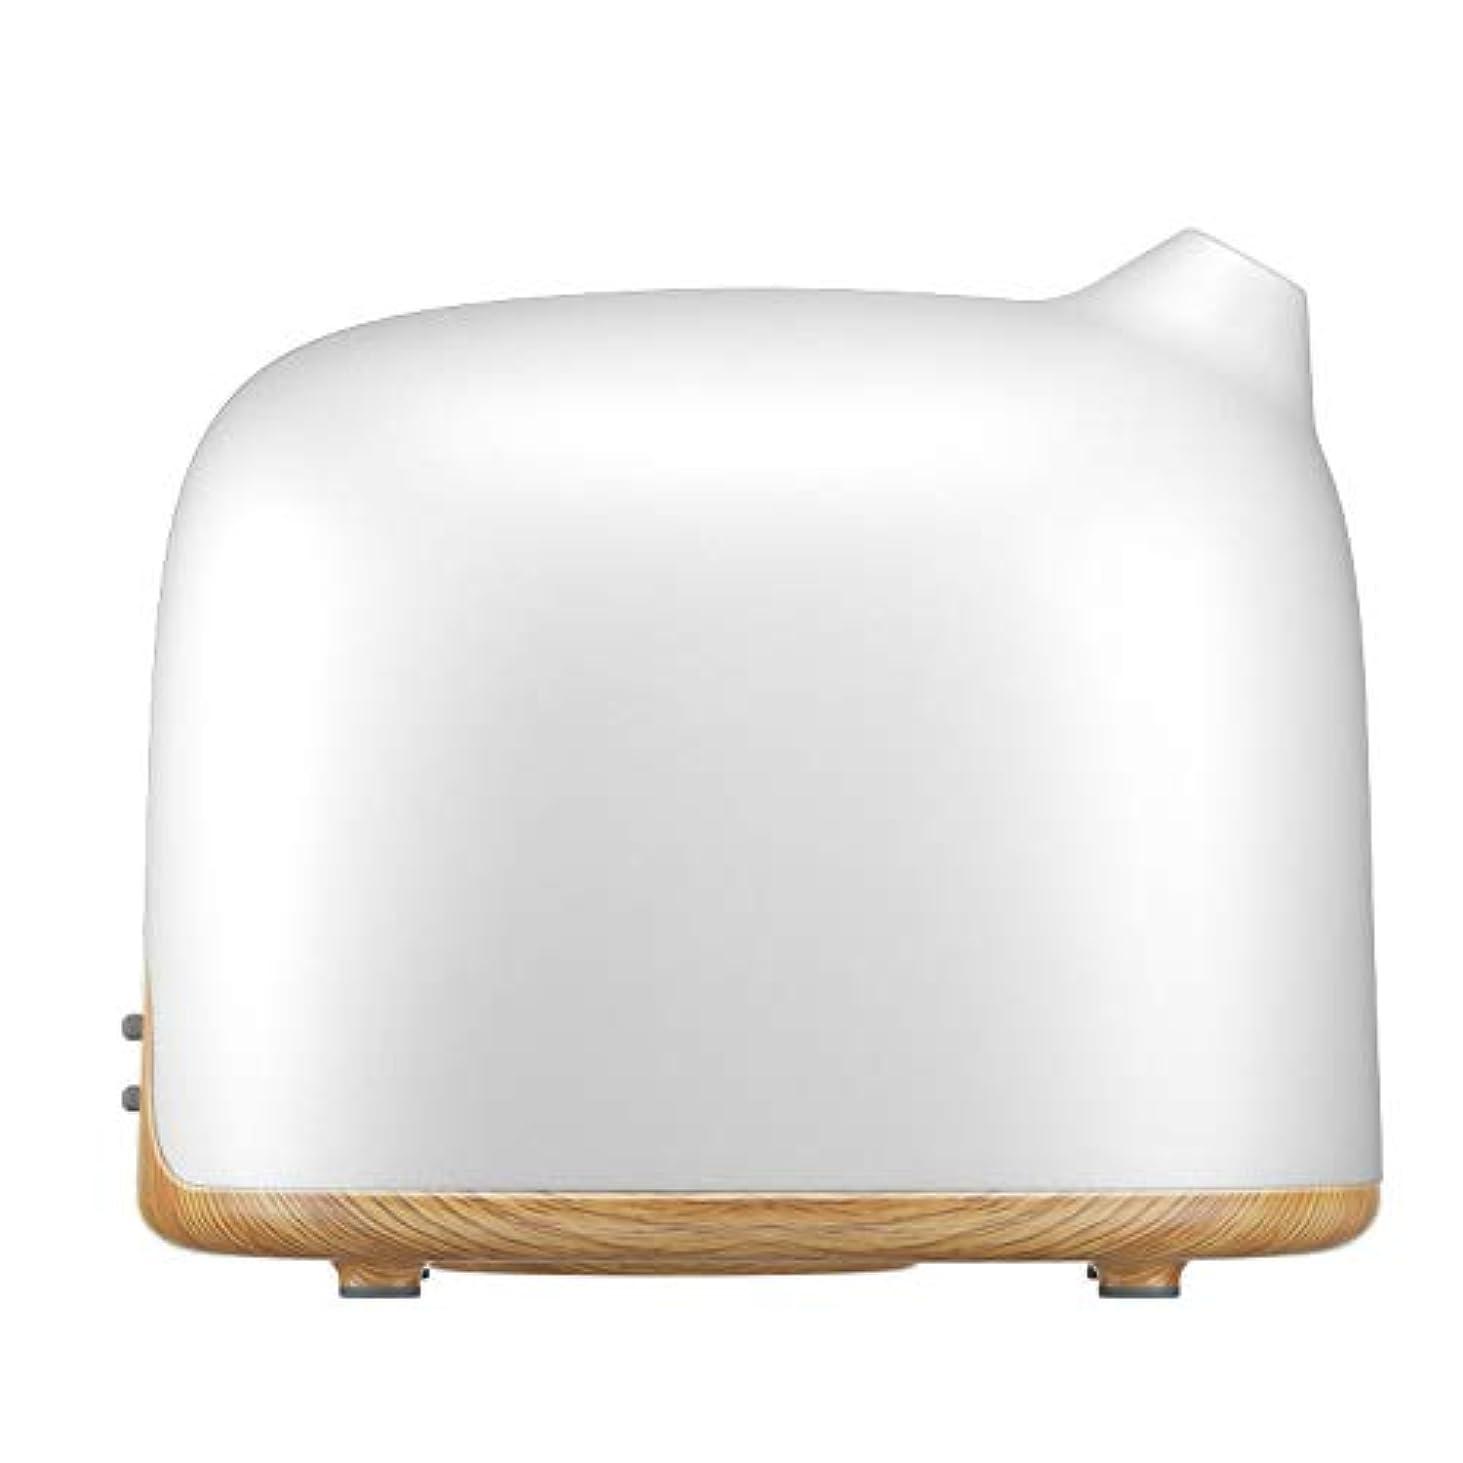 天使放射能補充スマートWi-Fiエッセンシャルオイルディフューザー500 mlアロマセラピー加湿器寝室とオフィスでリラックスした雰囲気のためより良い睡眠&呼吸,Lightwoodgrain,EUplug